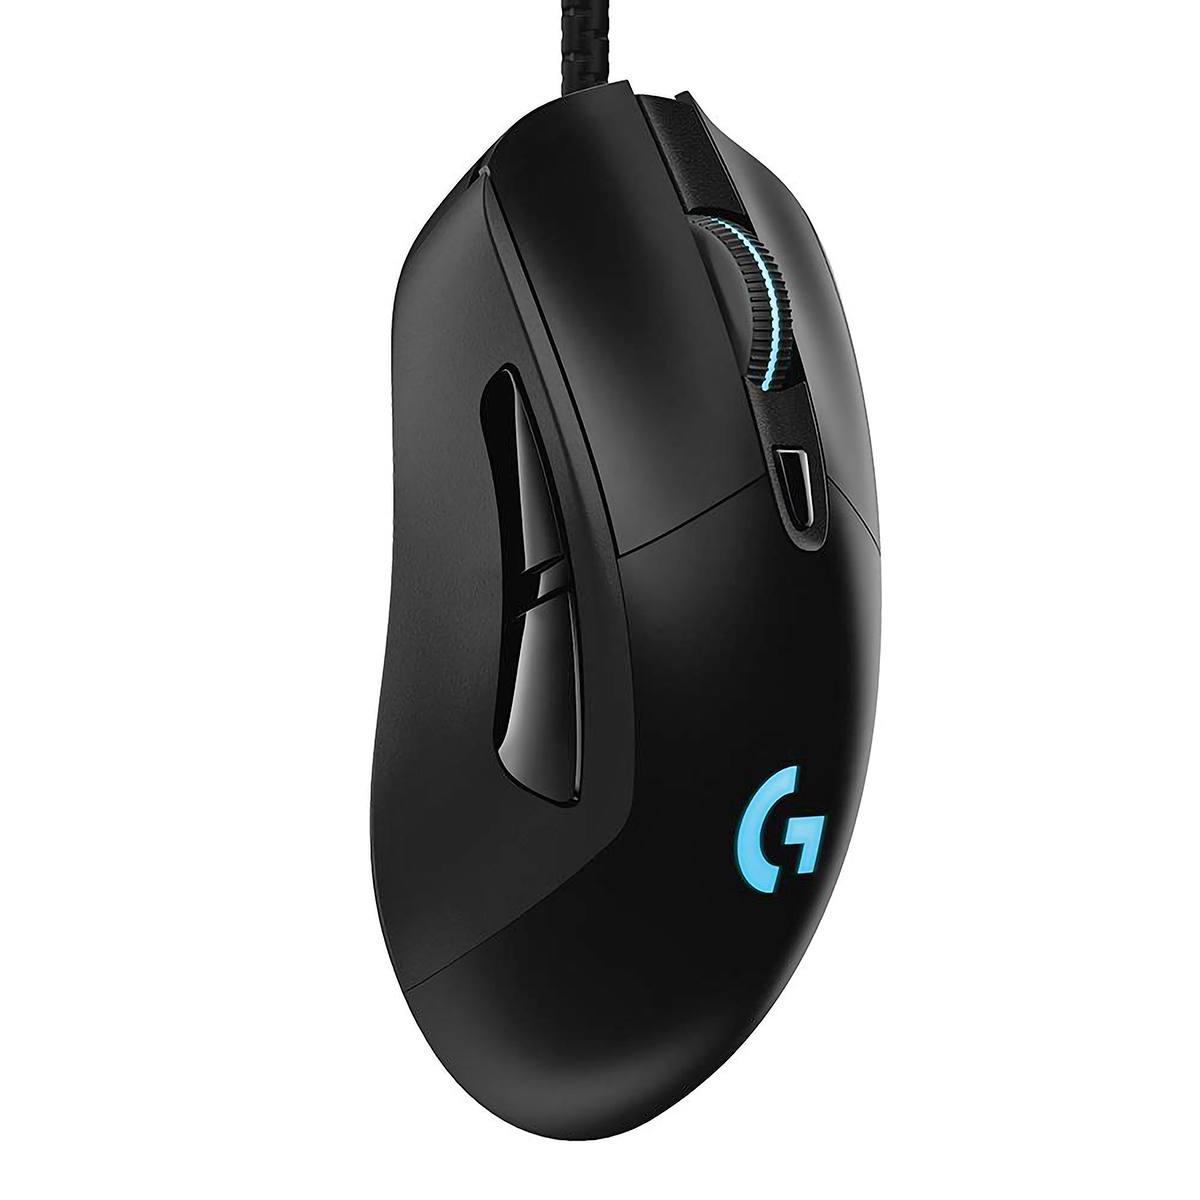 Mouse Gamer Hero Logitech G403 Tecnologia Lightsync 6 Botões Programáveis Ajuste De Peso Sensor 16000 DPI 910-005631